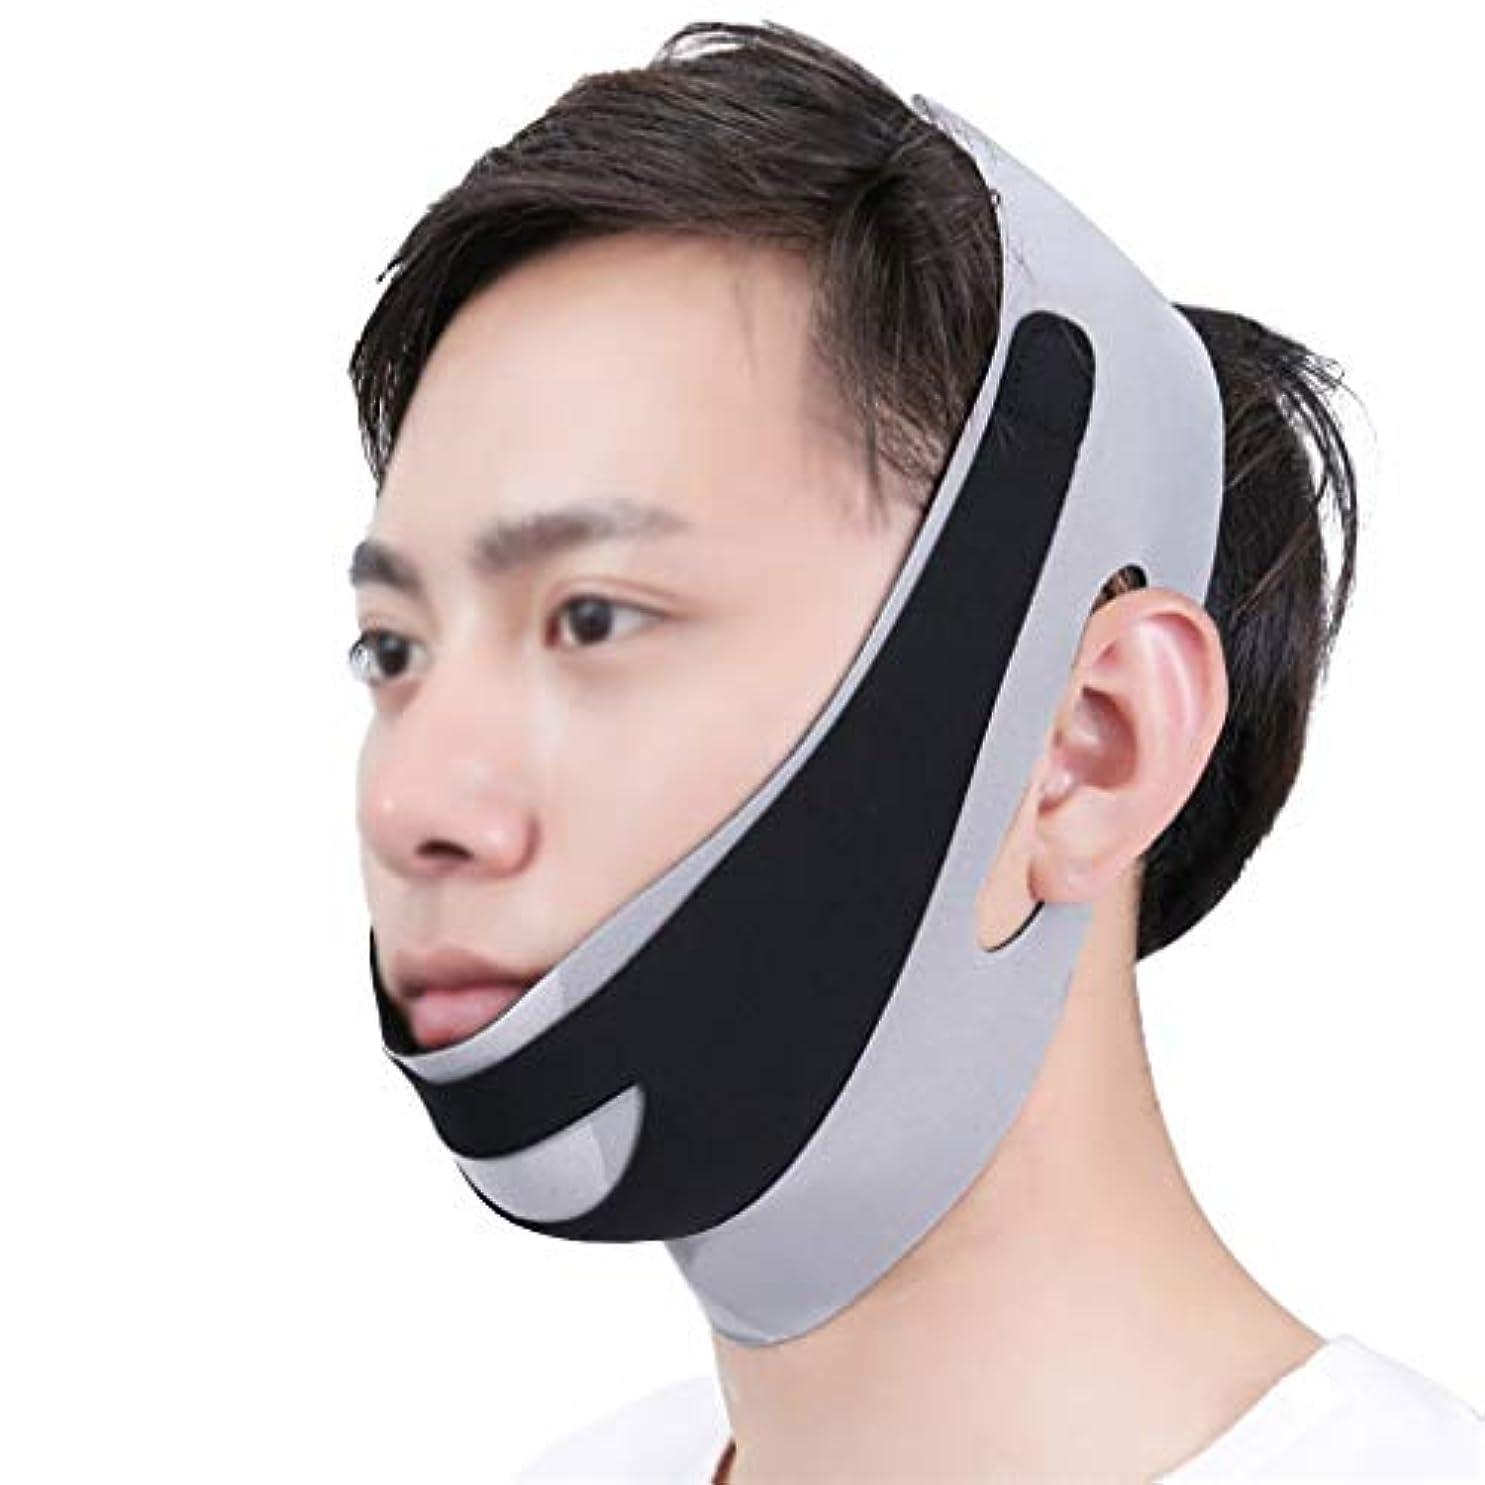 太平洋諸島土病者顔と首リフト術後弾性顔マスク小さなV顔アーティファクト薄い顔包帯アーティファクトV顔吊り耳リフティング引き締め男性の顔アーティファクト